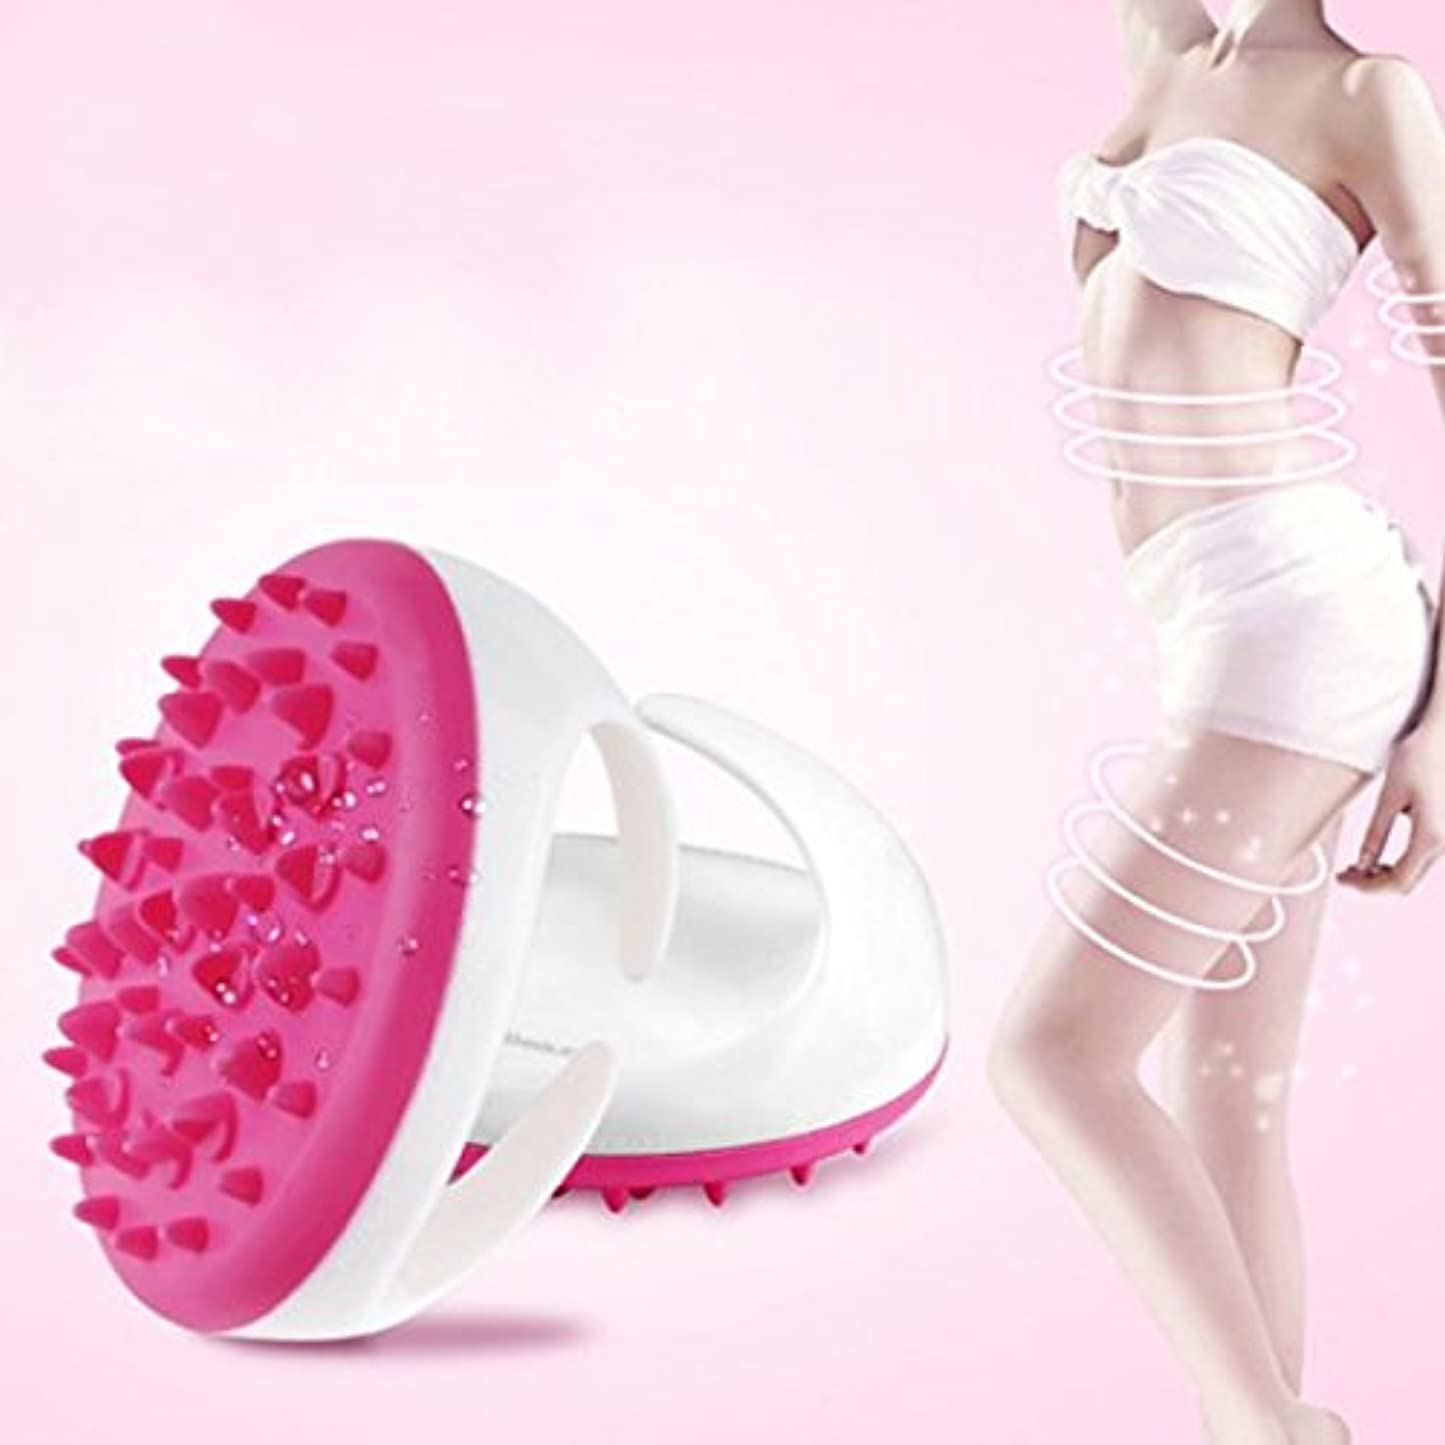 開発する致命的なポーズCarejoy マッサージ ブラシ ボディ シェイプ 美形 ダイエットブラシ 血液循環新陳代謝を促進 腹部 臀部 足など用  ピンク グリーン パープル色ランダムに発送